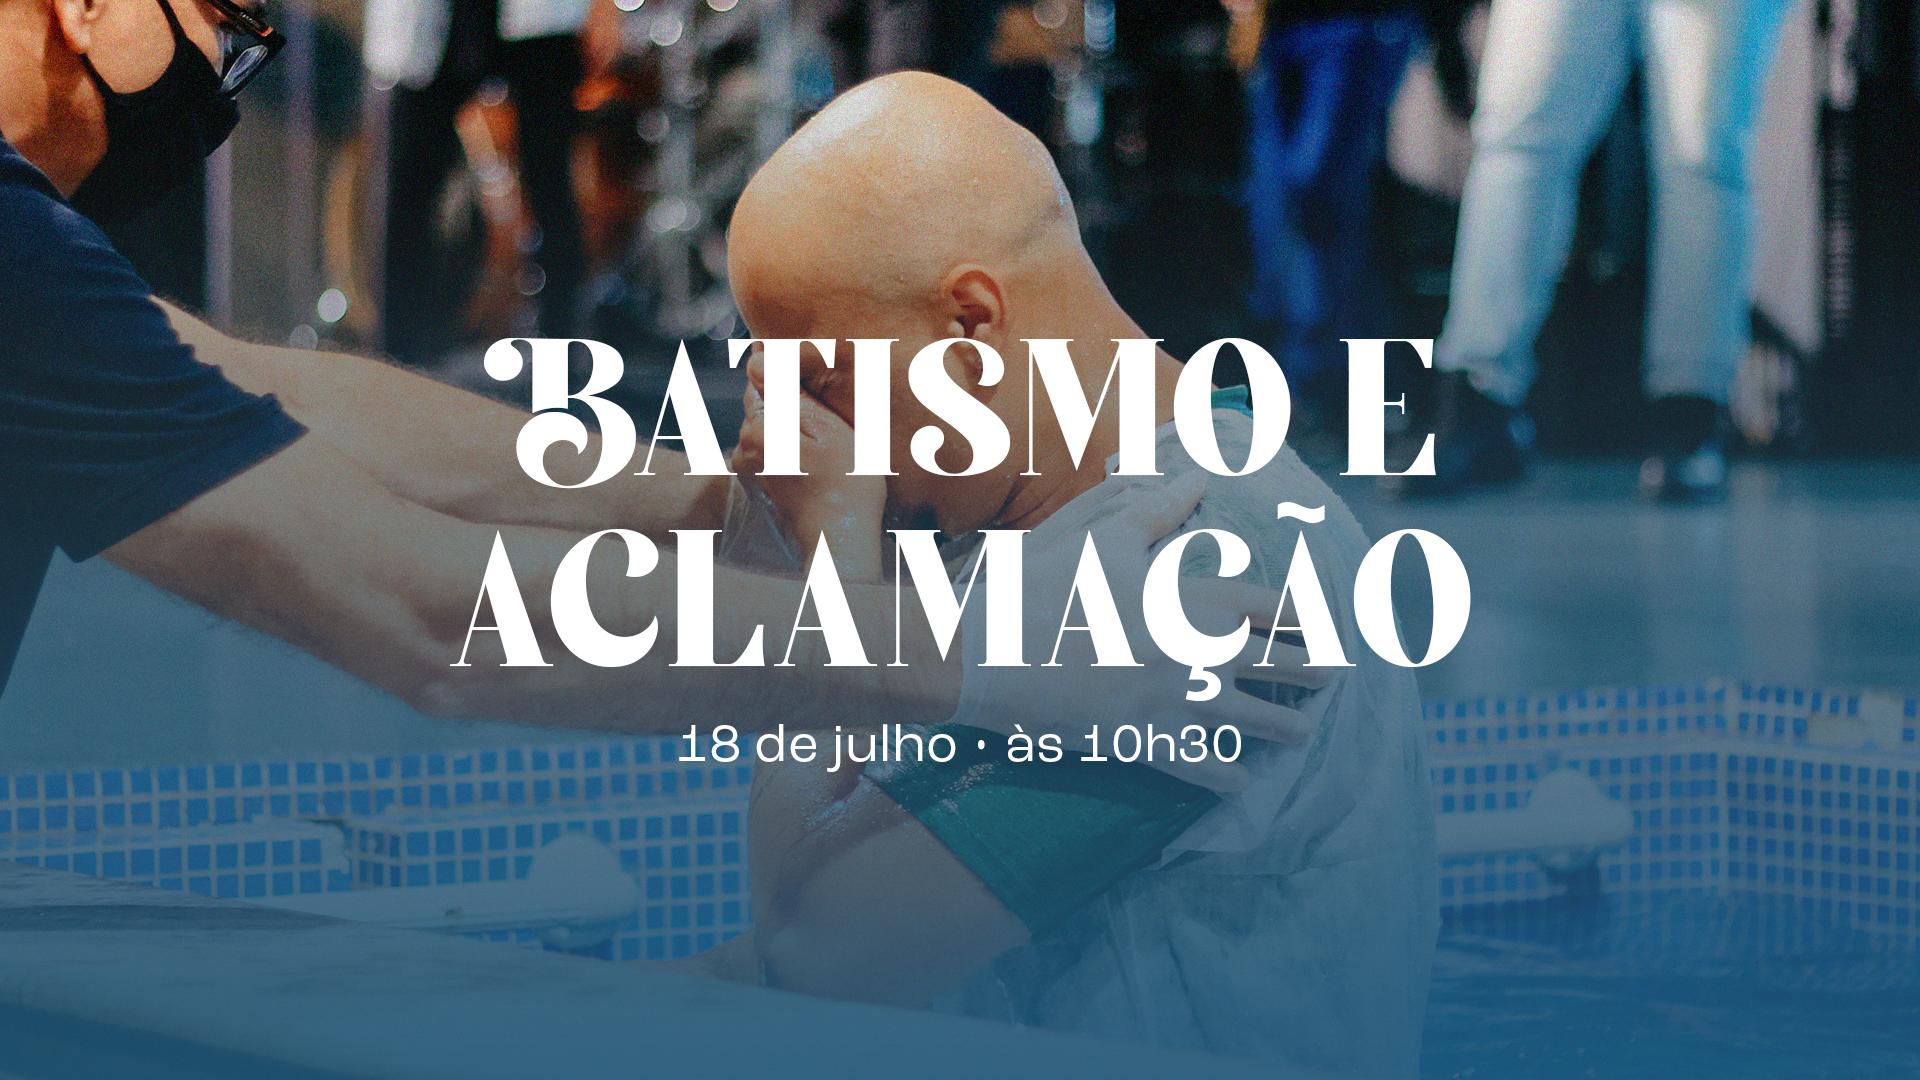 Batismo e Aclamação   18.07.21